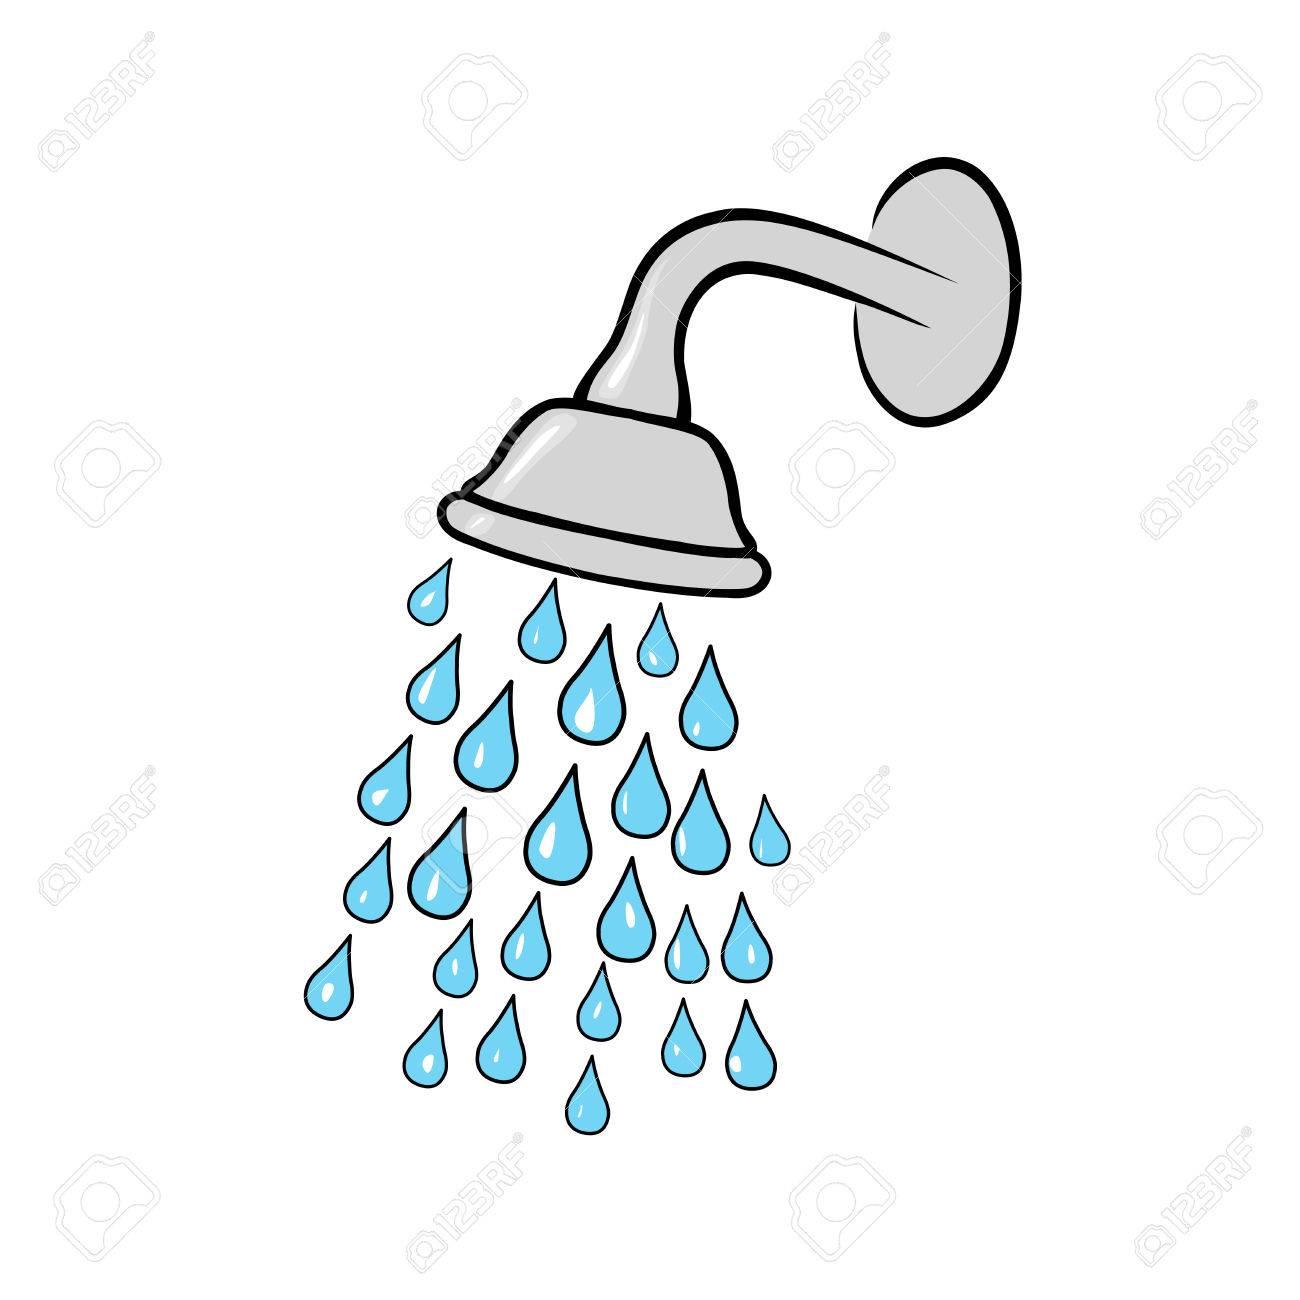 Faucet clipart shower faucet. X free clip art